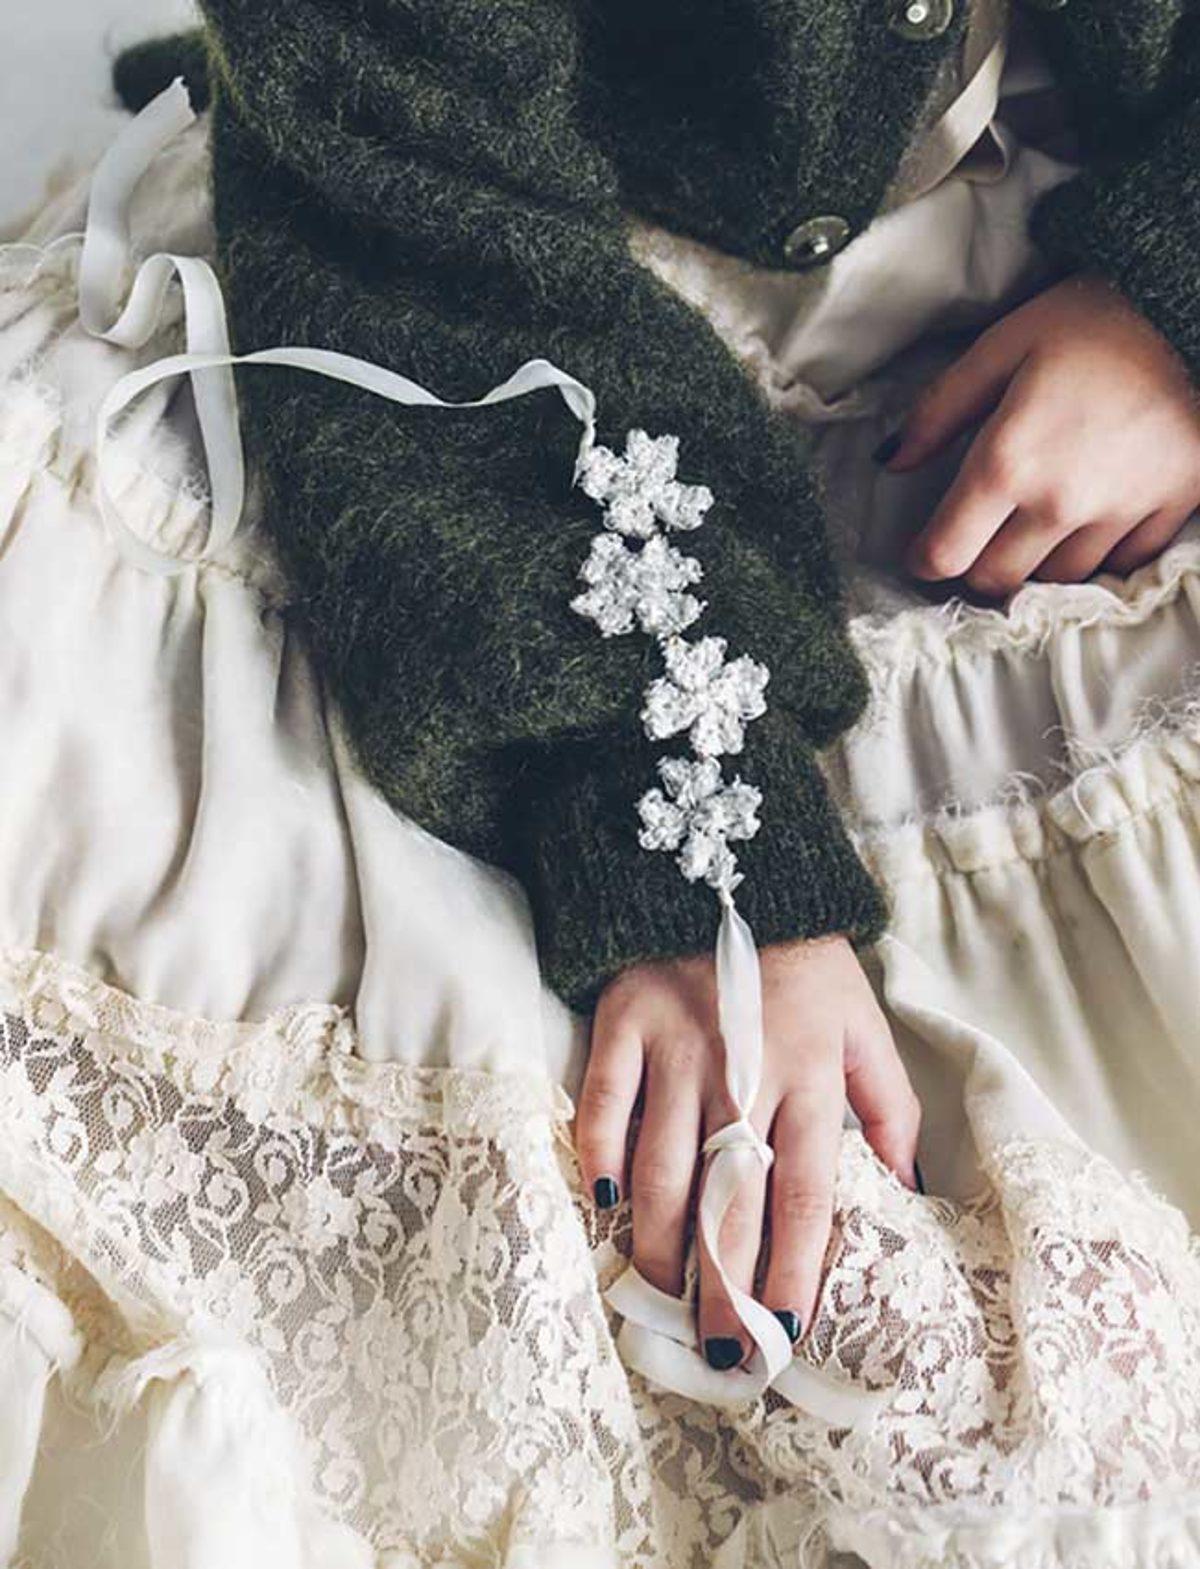 Bijoux-crochetes-fil-metallique-bracelet